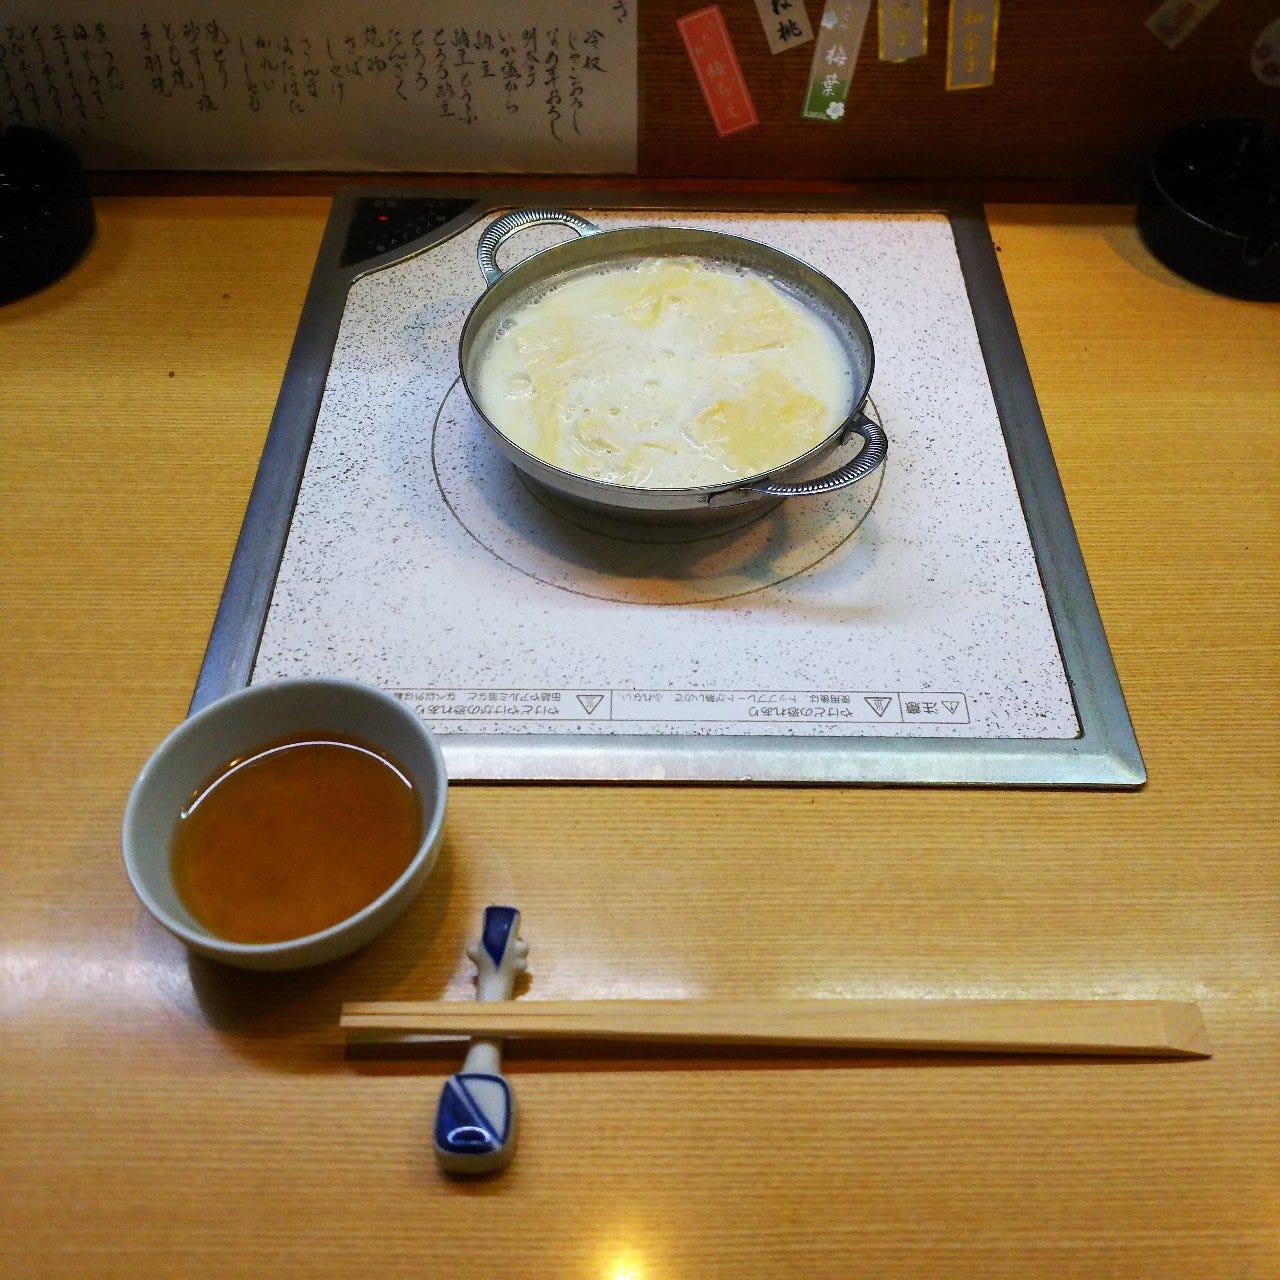 ◆当店看板料理「ゆばなべ」